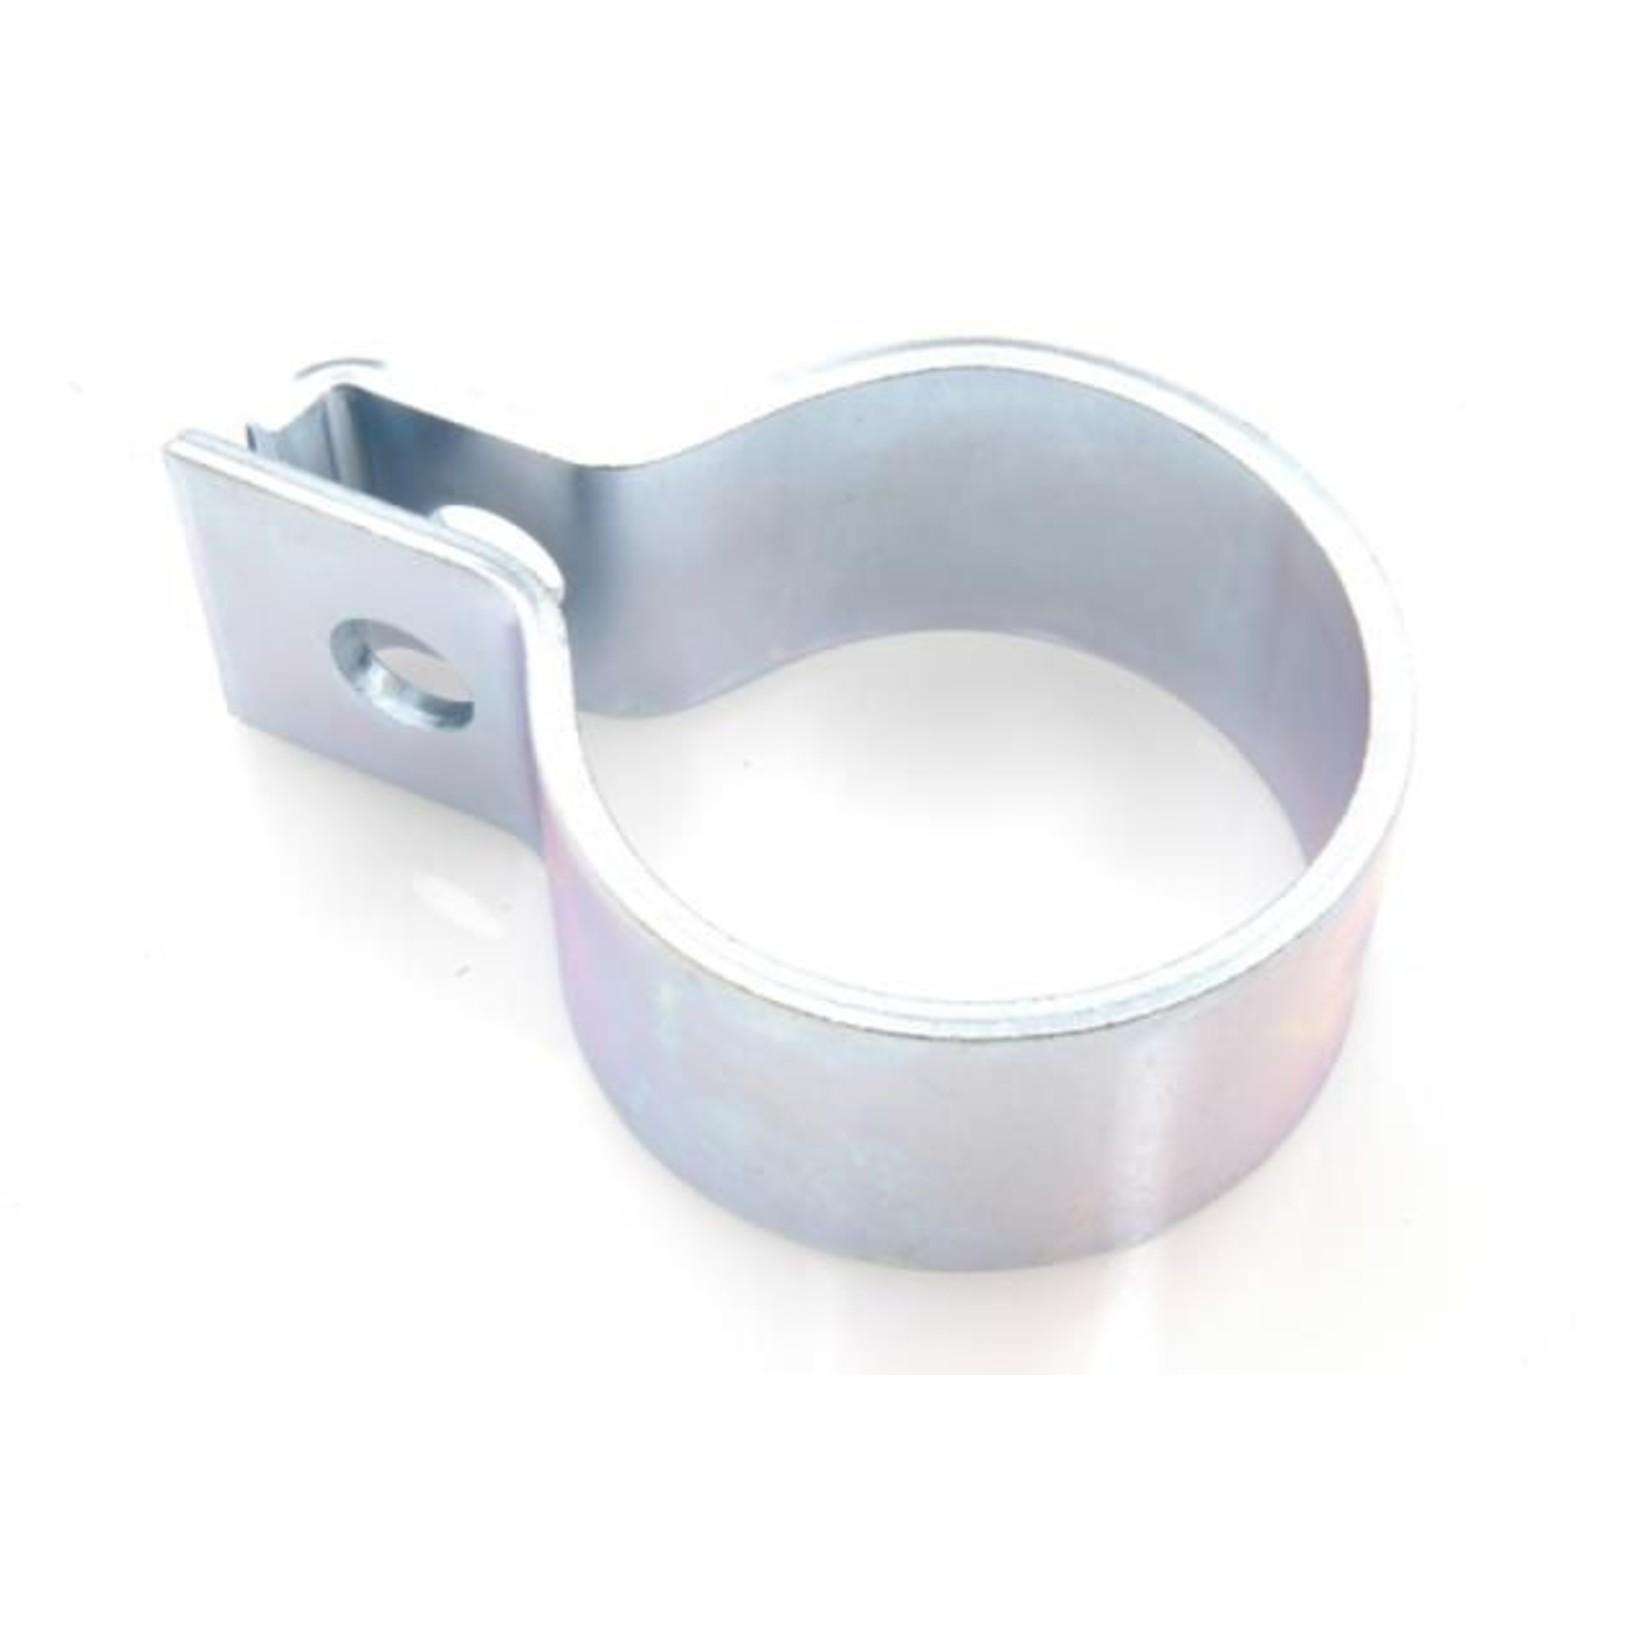 Collar flexible - silenciador Nr Org: 5453268